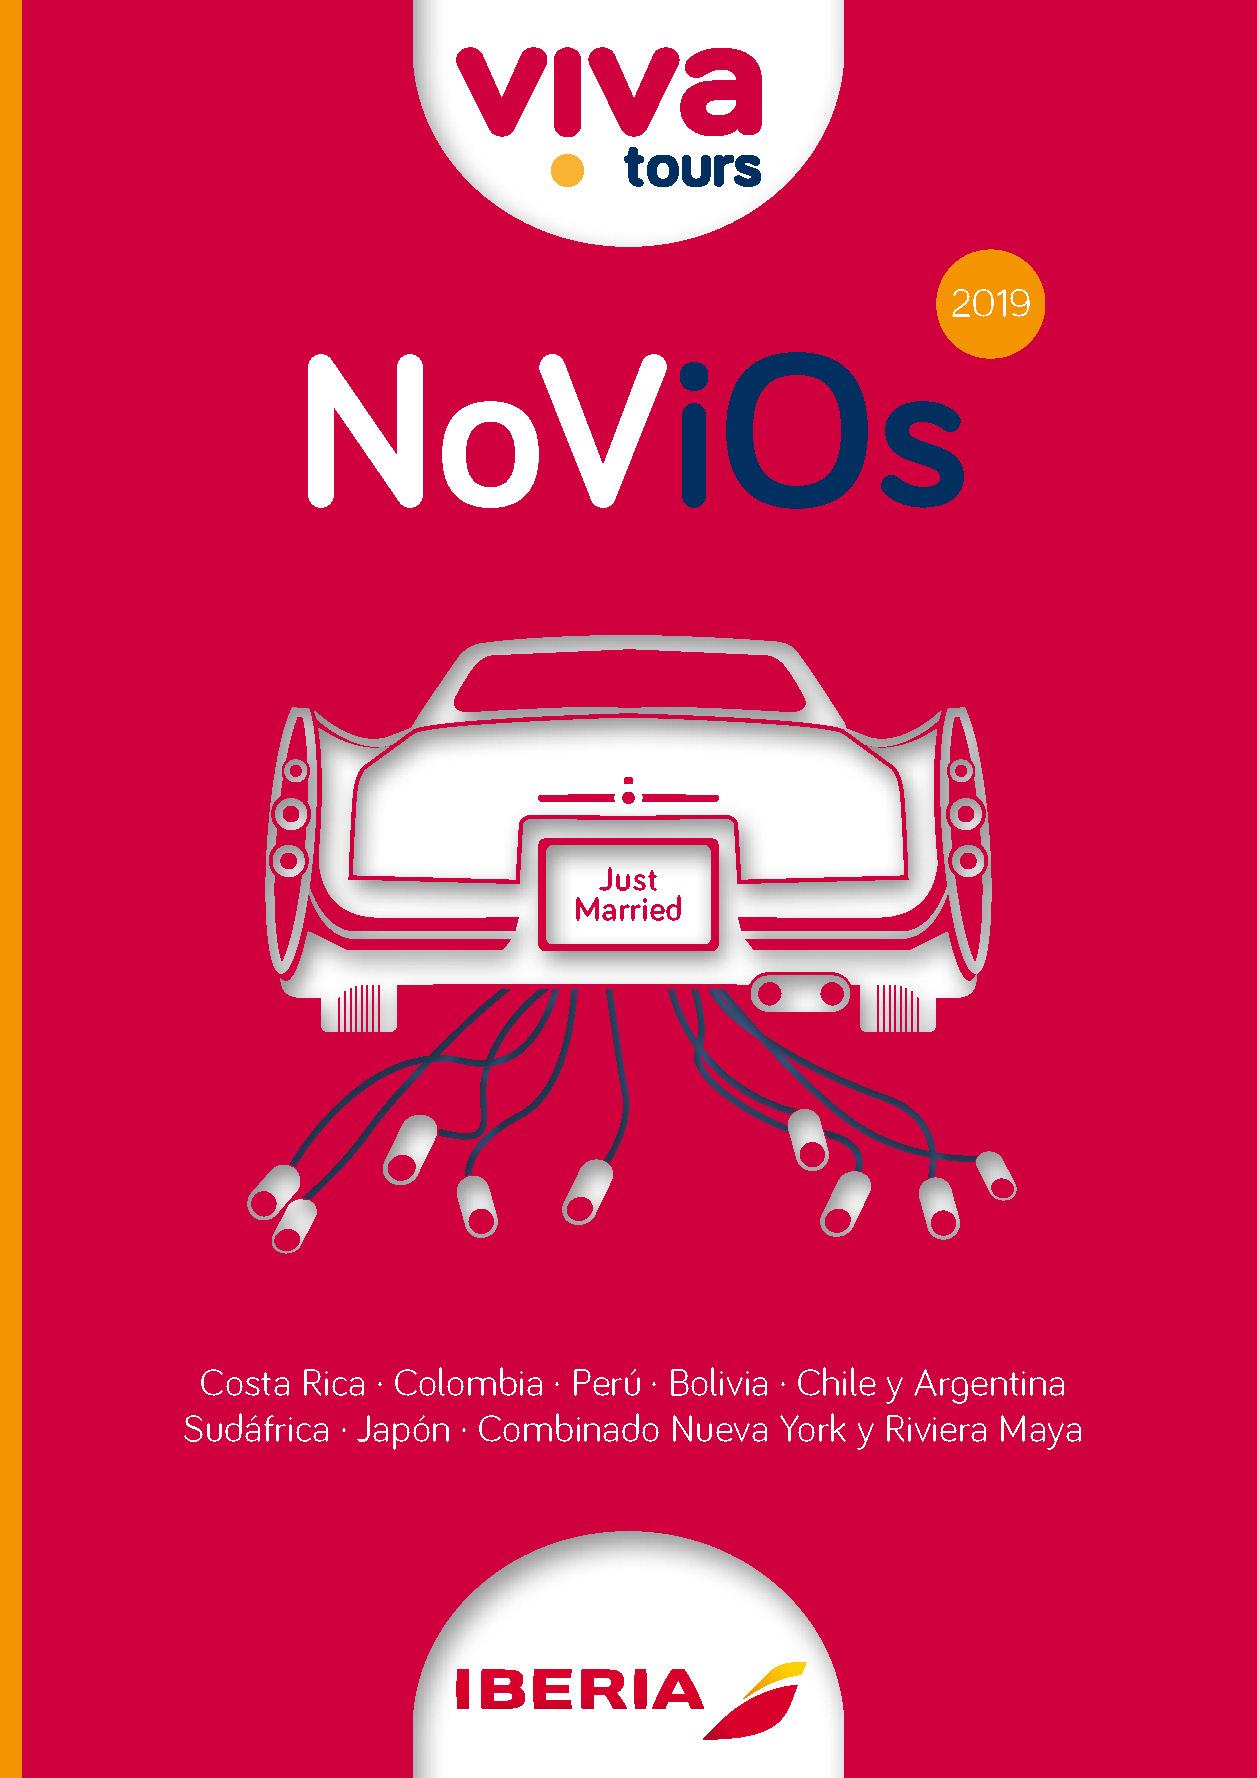 Cuadriptico Viva Tours Novios 2019